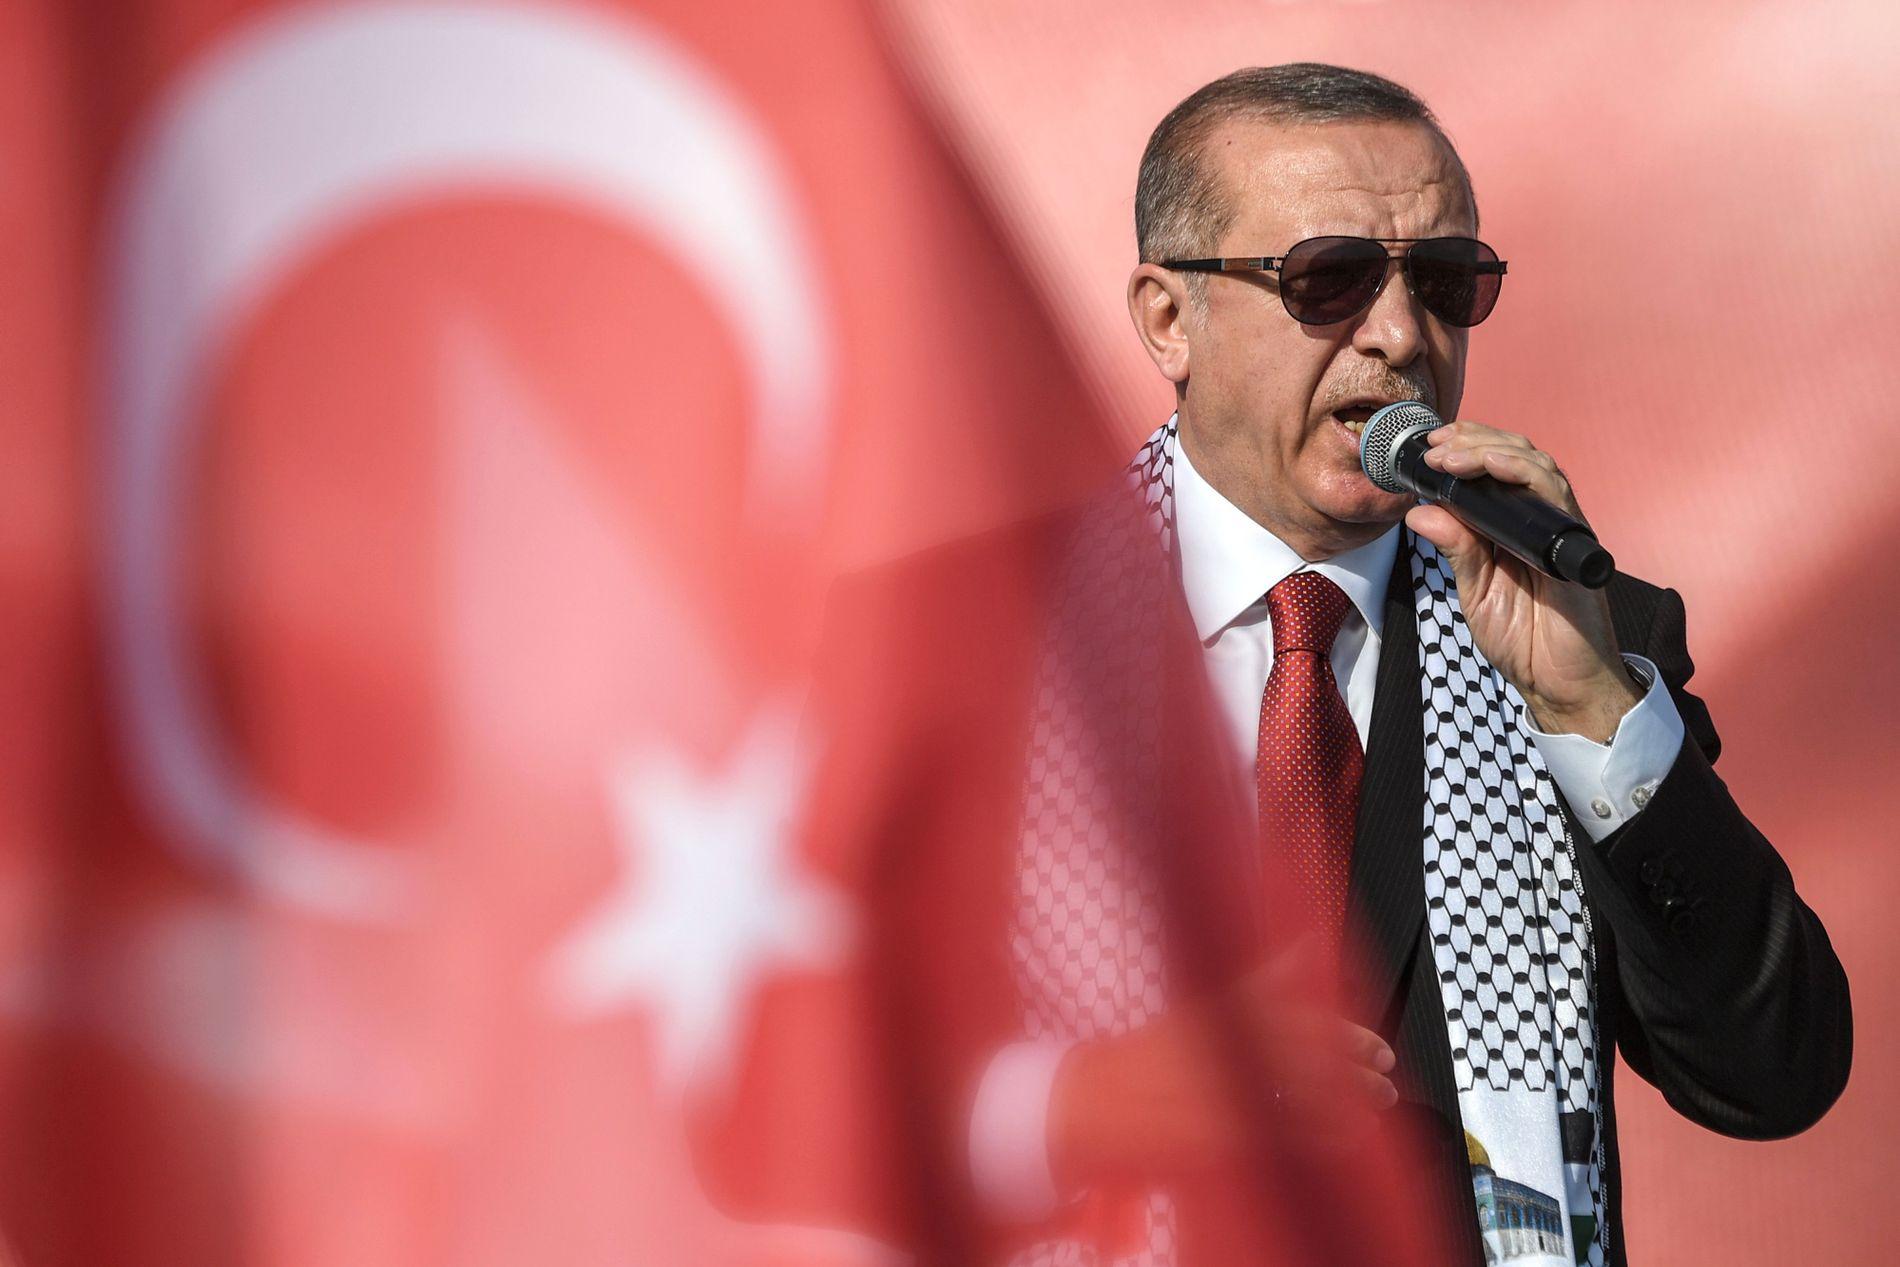 KAN SITTE TIL 2029: Dersom Recep Tayyip Erdogan blir gjenvalgt 24. juni, kan han bli sittende som president til 2029. Her fra en støttedemonstrasjon for Gaza i Istanbul 18. mai.